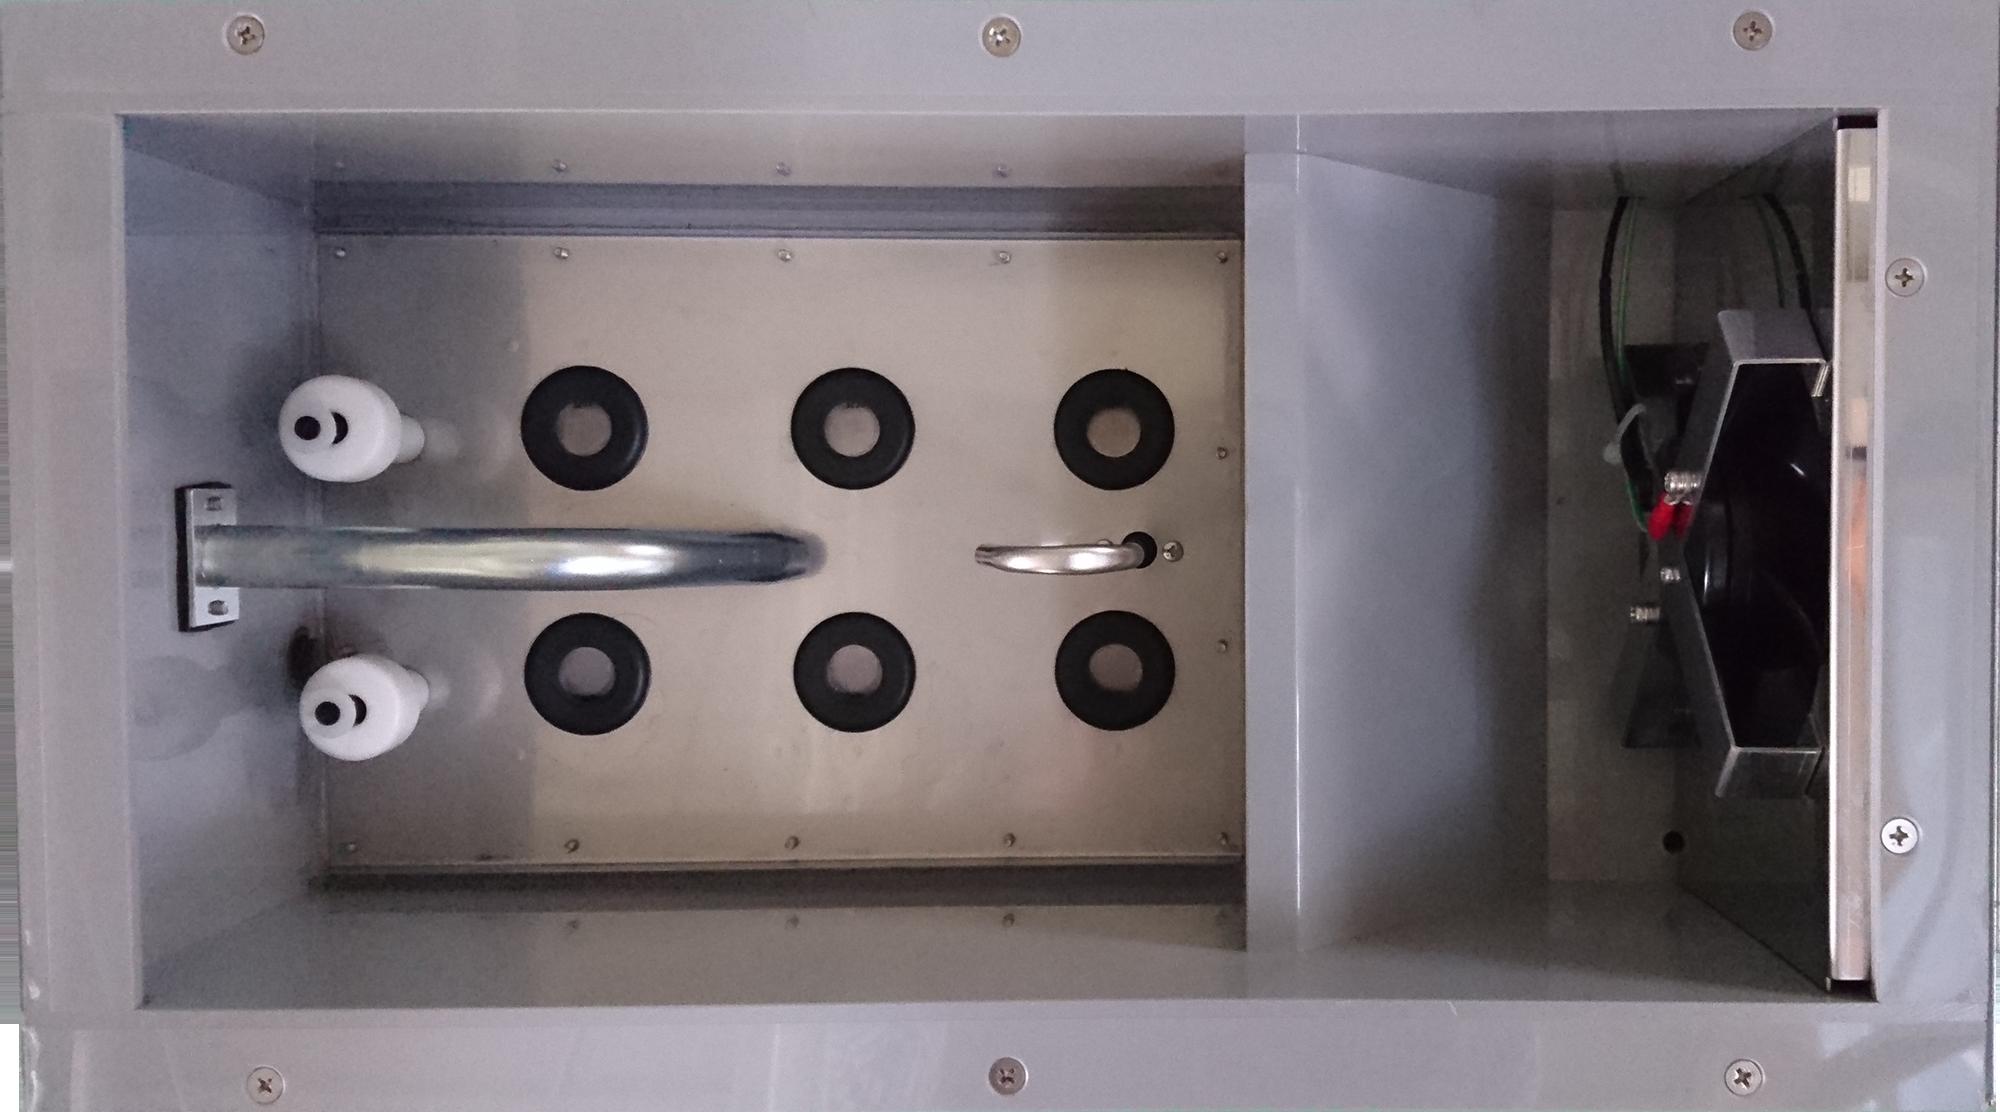 超音波加湿ユニット6個搭載 霧化量3.4L/h